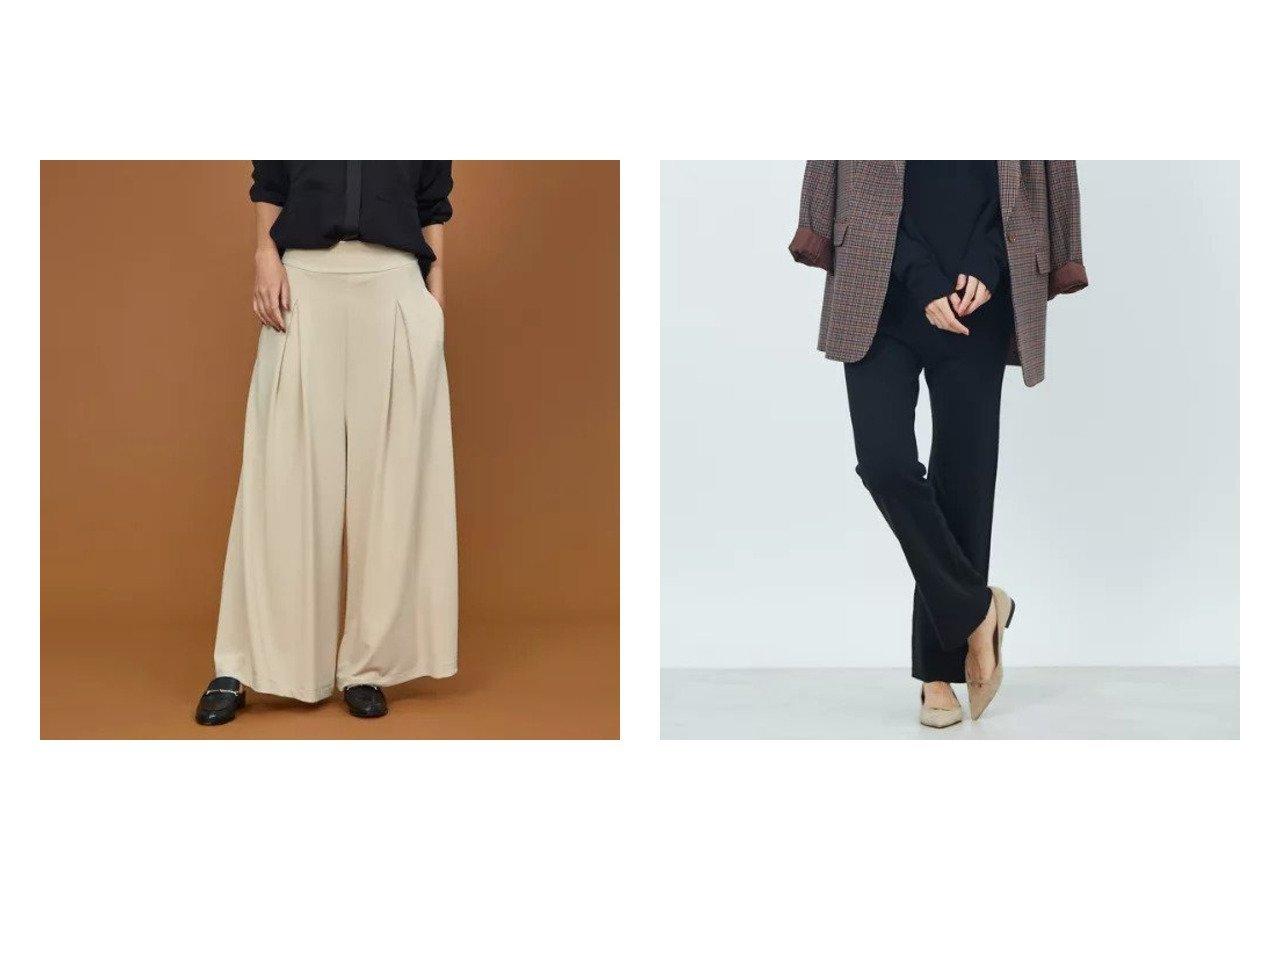 【qualite/カリテ】のストレッチポンチワイドパンツ&【Rouge vif/ルージュ ヴィフ】のポケット付きウール混ニットパンツ パンツのおすすめ!人気、トレンド・レディースファッションの通販 おすすめで人気の流行・トレンド、ファッションの通販商品 メンズファッション・キッズファッション・インテリア・家具・レディースファッション・服の通販 founy(ファニー) https://founy.com/ ファッション Fashion レディースファッション WOMEN パンツ Pants セットアップ ポケット A/W 秋冬 AW Autumn/Winter / FW Fall-Winter |ID:crp329100000011689